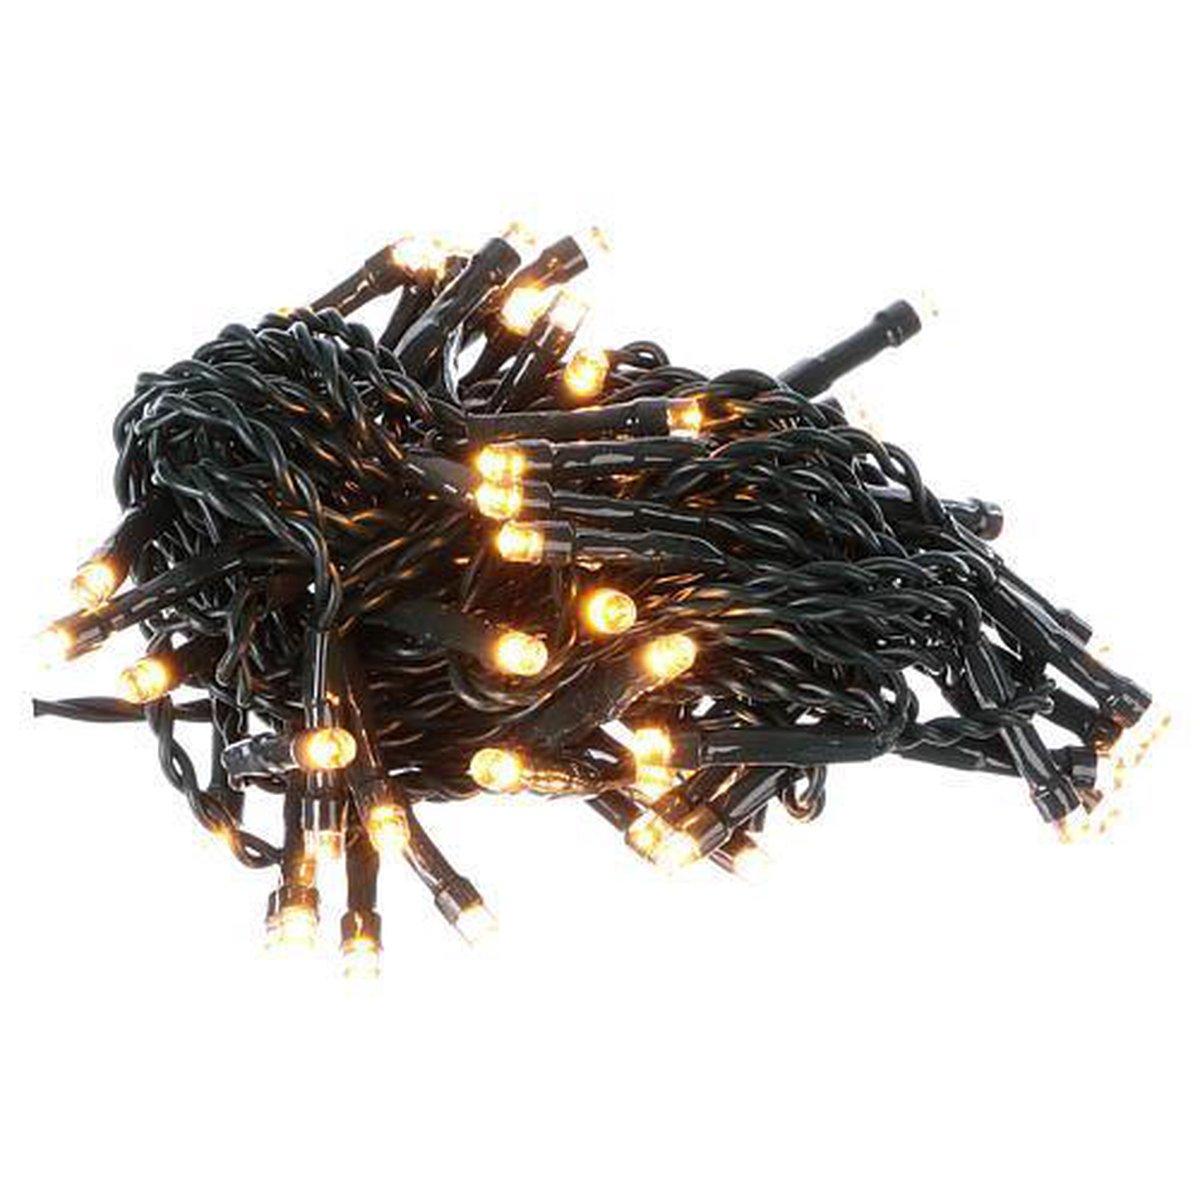 LED kerstverlichting - 200 LED's - 25m - warm wit - voor binnen